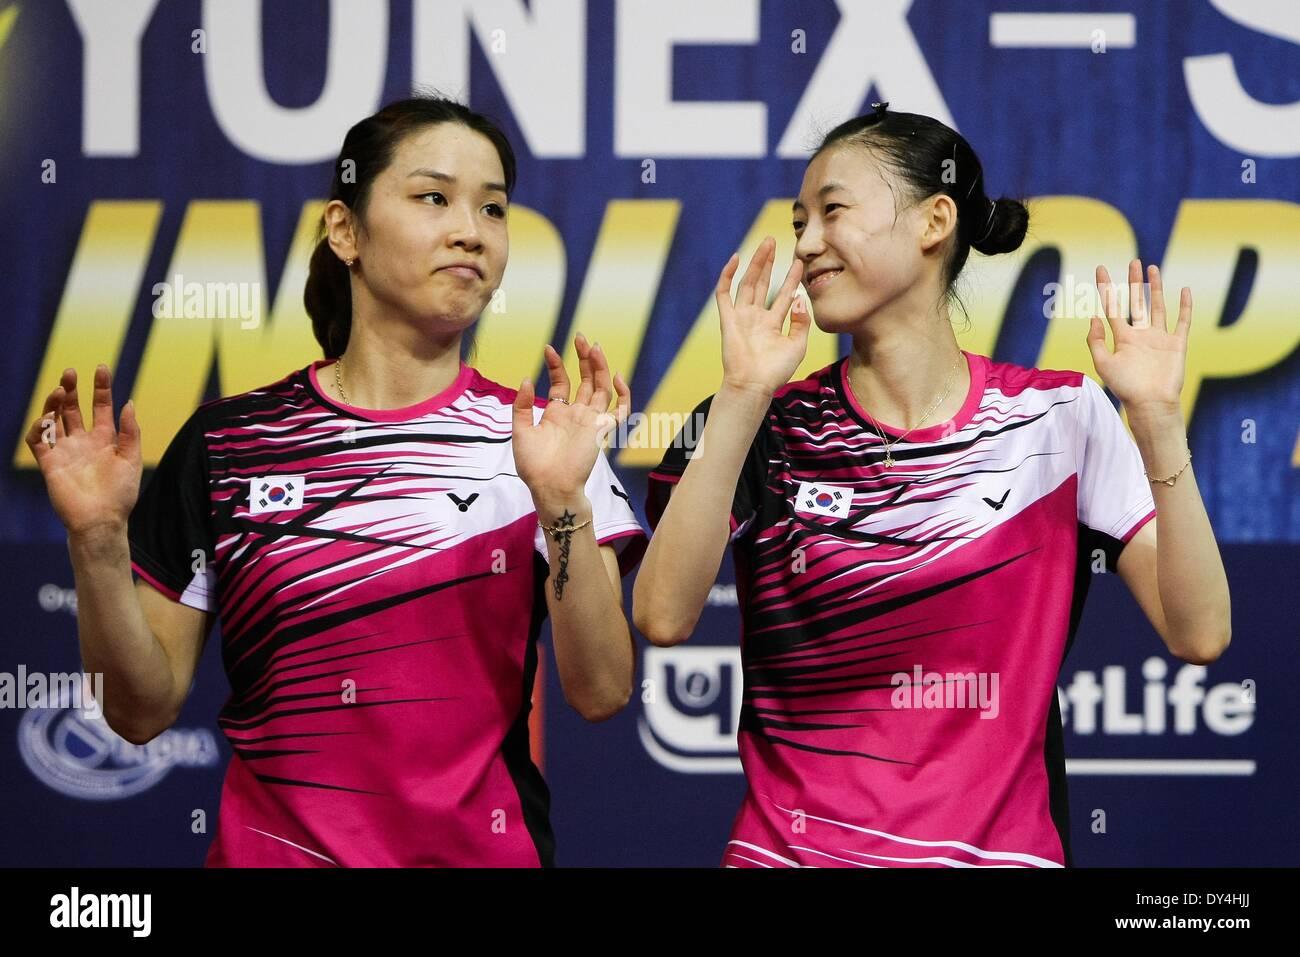 New Delhi India 6th Apr 2014 Jung Kyung Eun L and Kim Ha Na